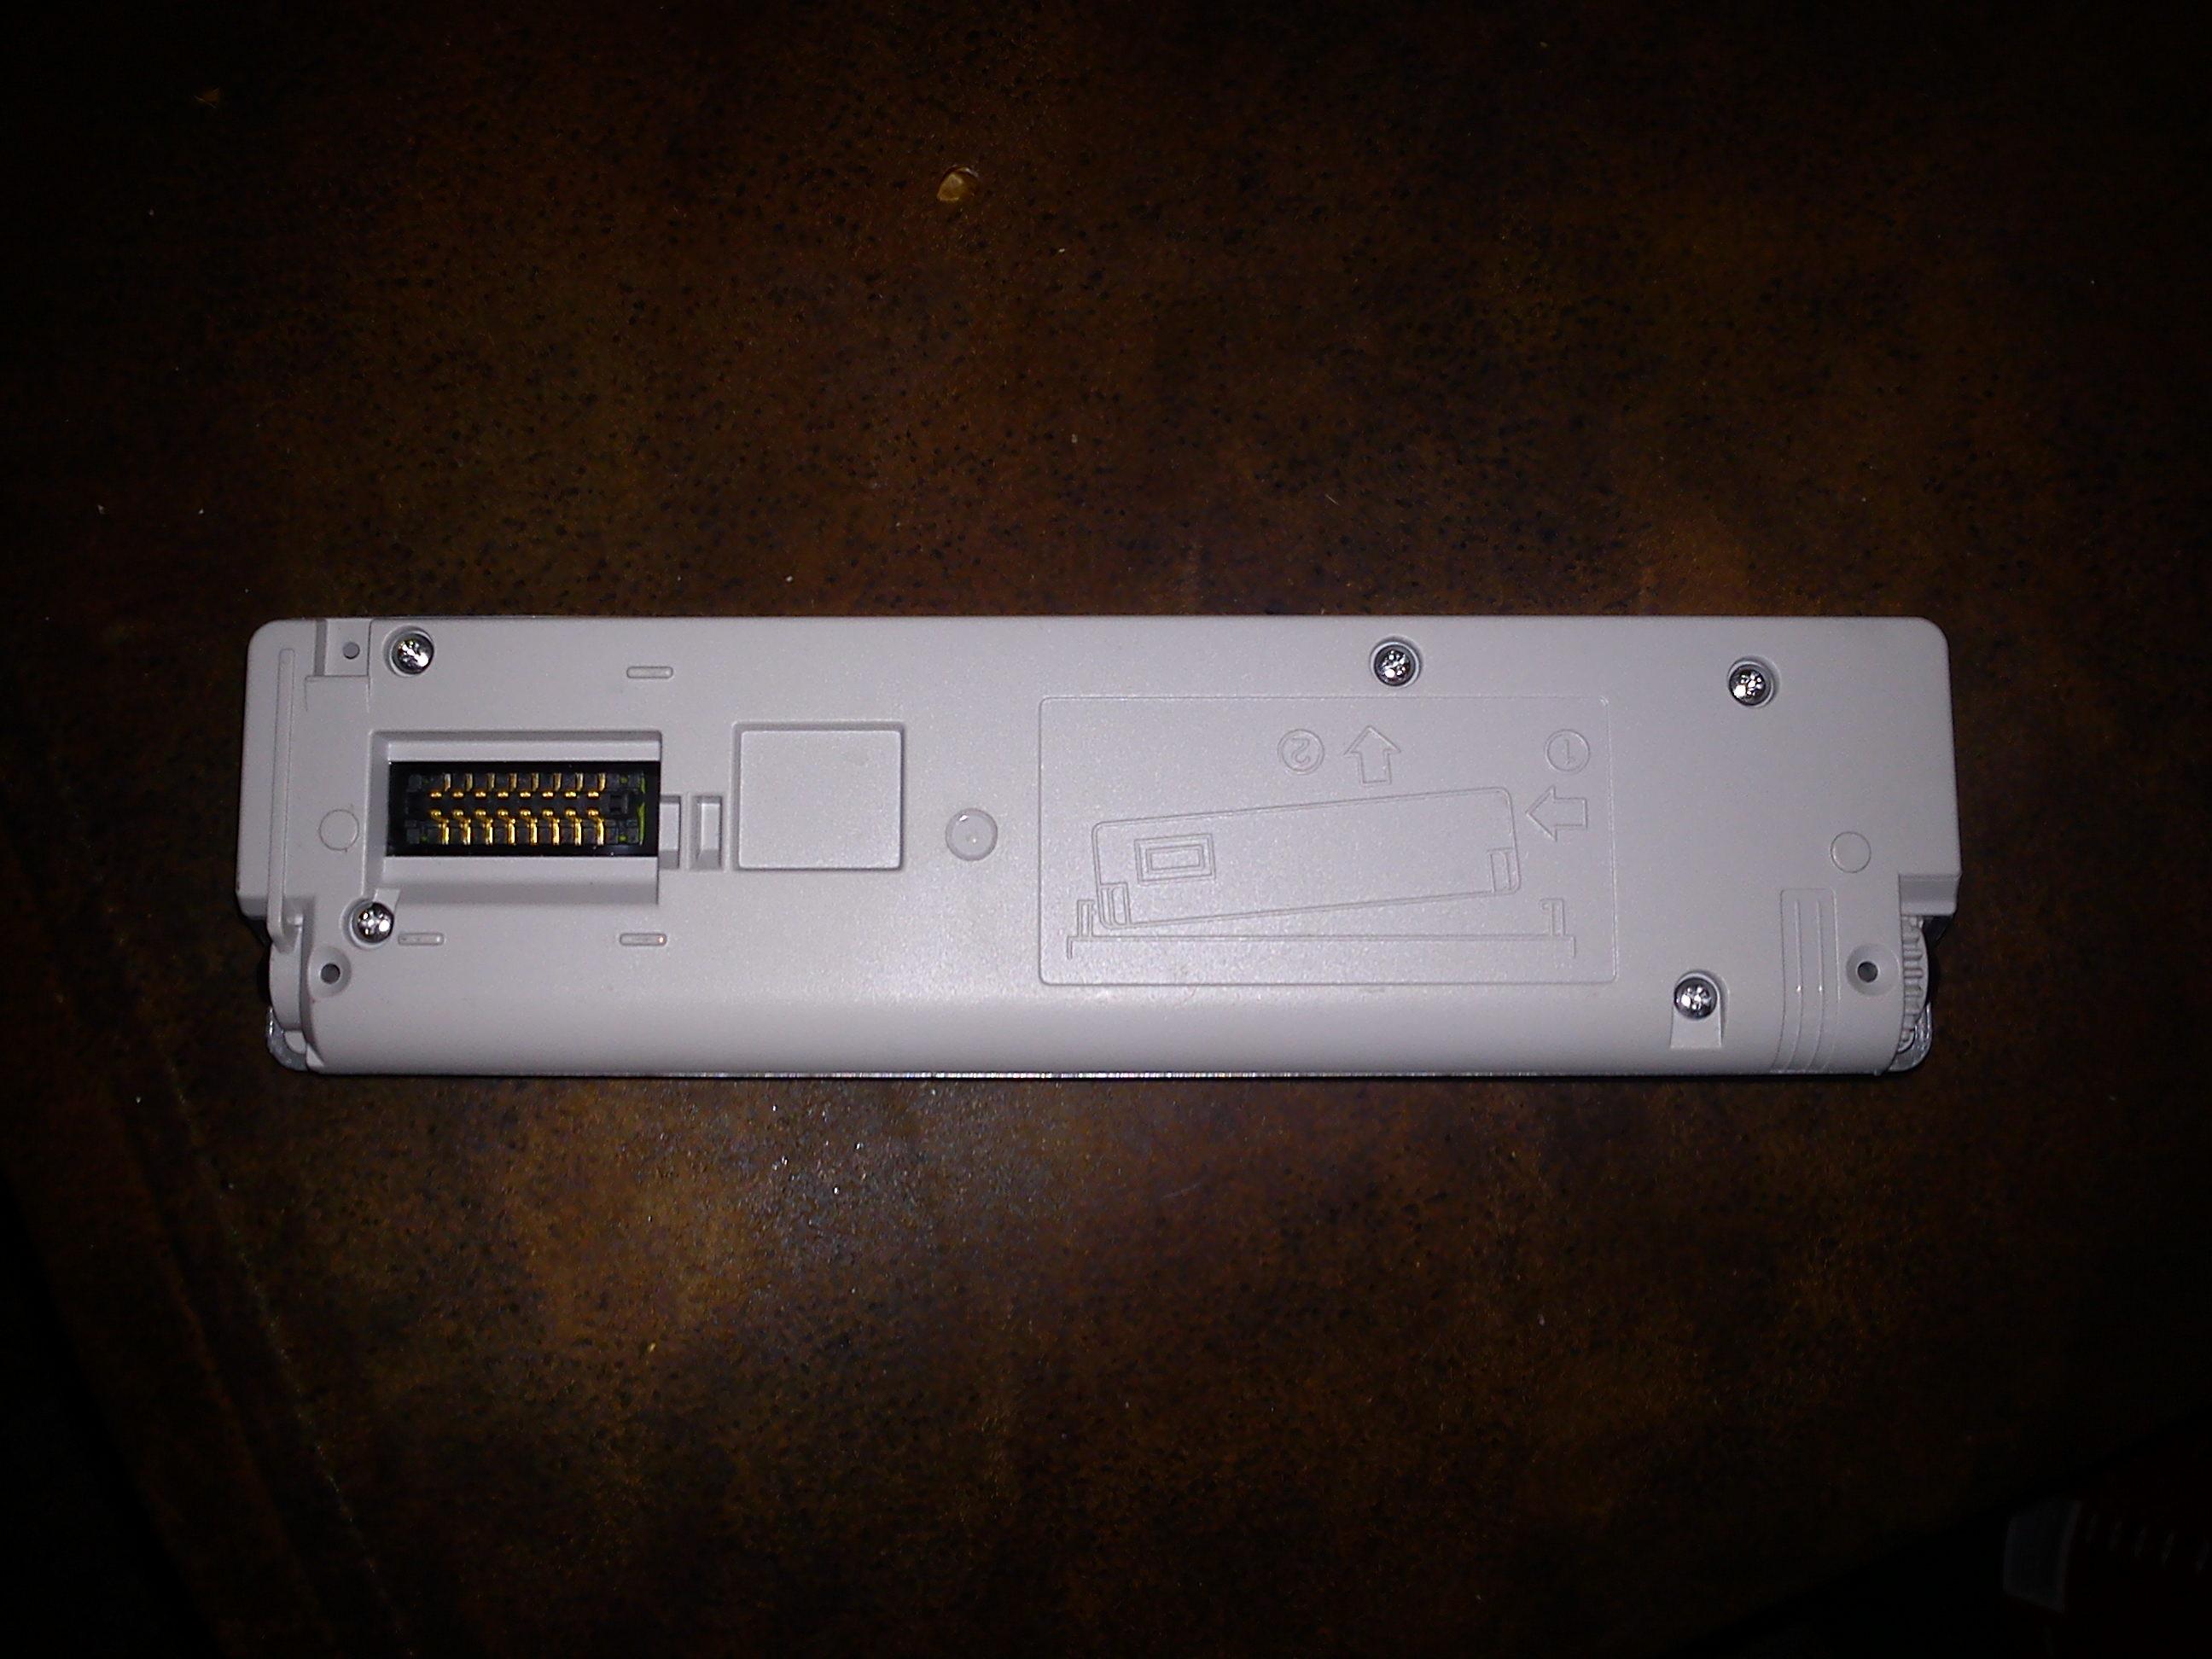 [Kupi�] Panel do radia Sony Marine CDX M50IP, lub odpowiednik